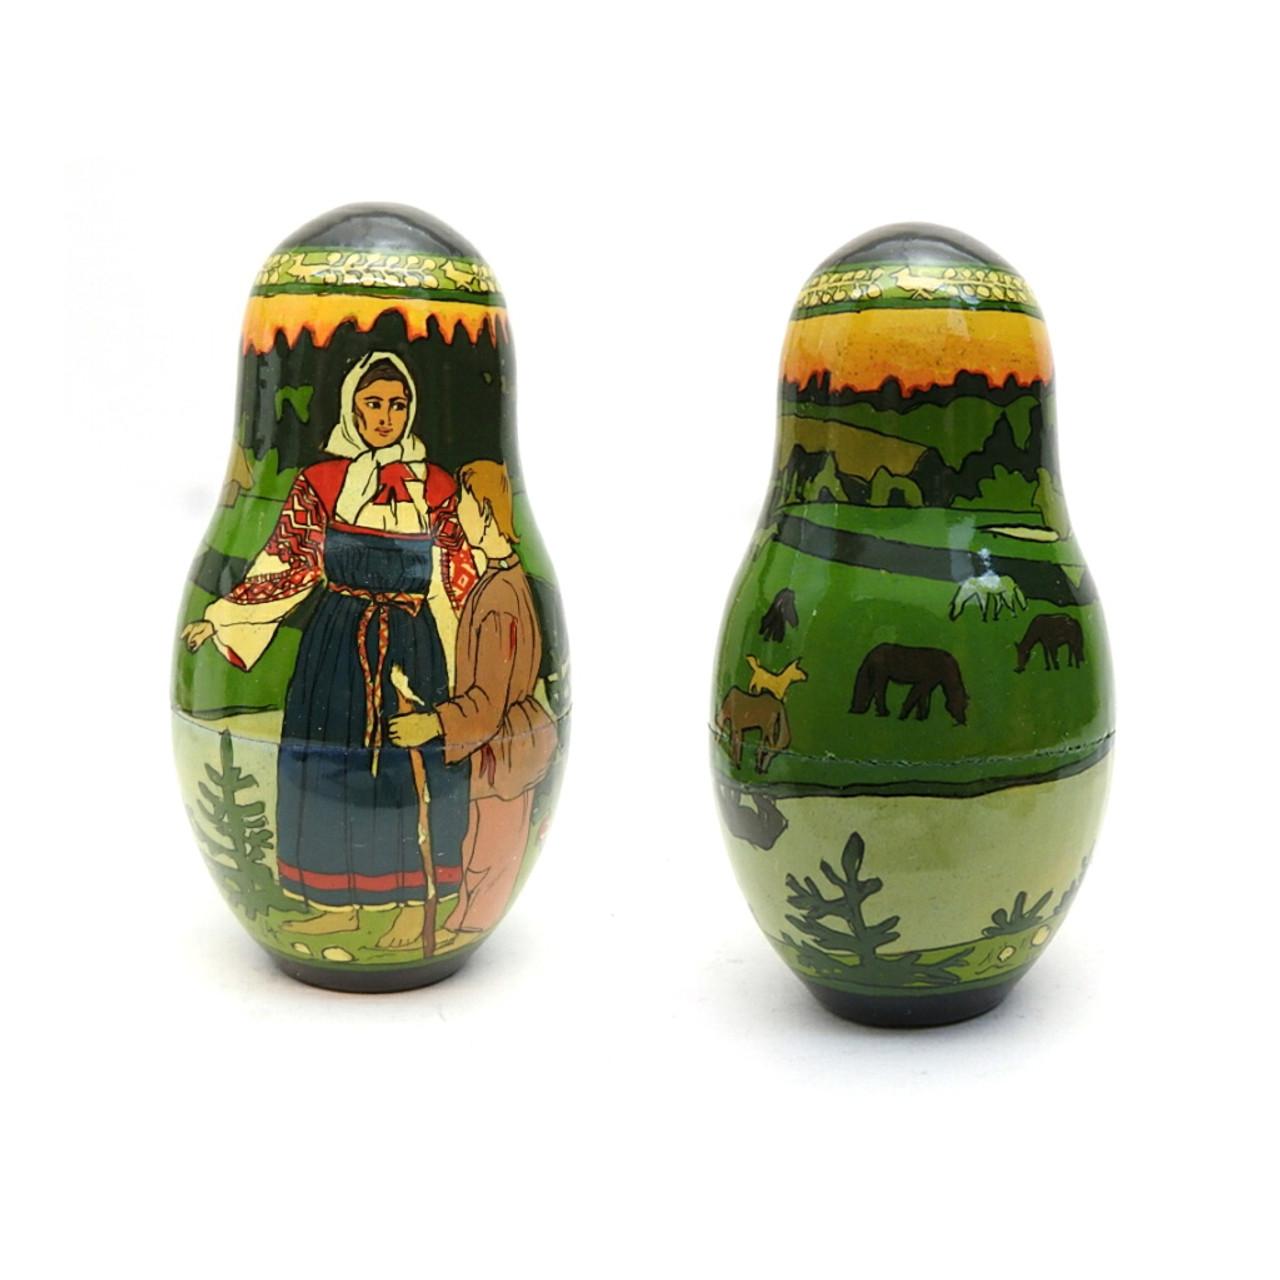 Tsar Saltan Bilibin Artistic Matryoshka  6th Doll Front and Back